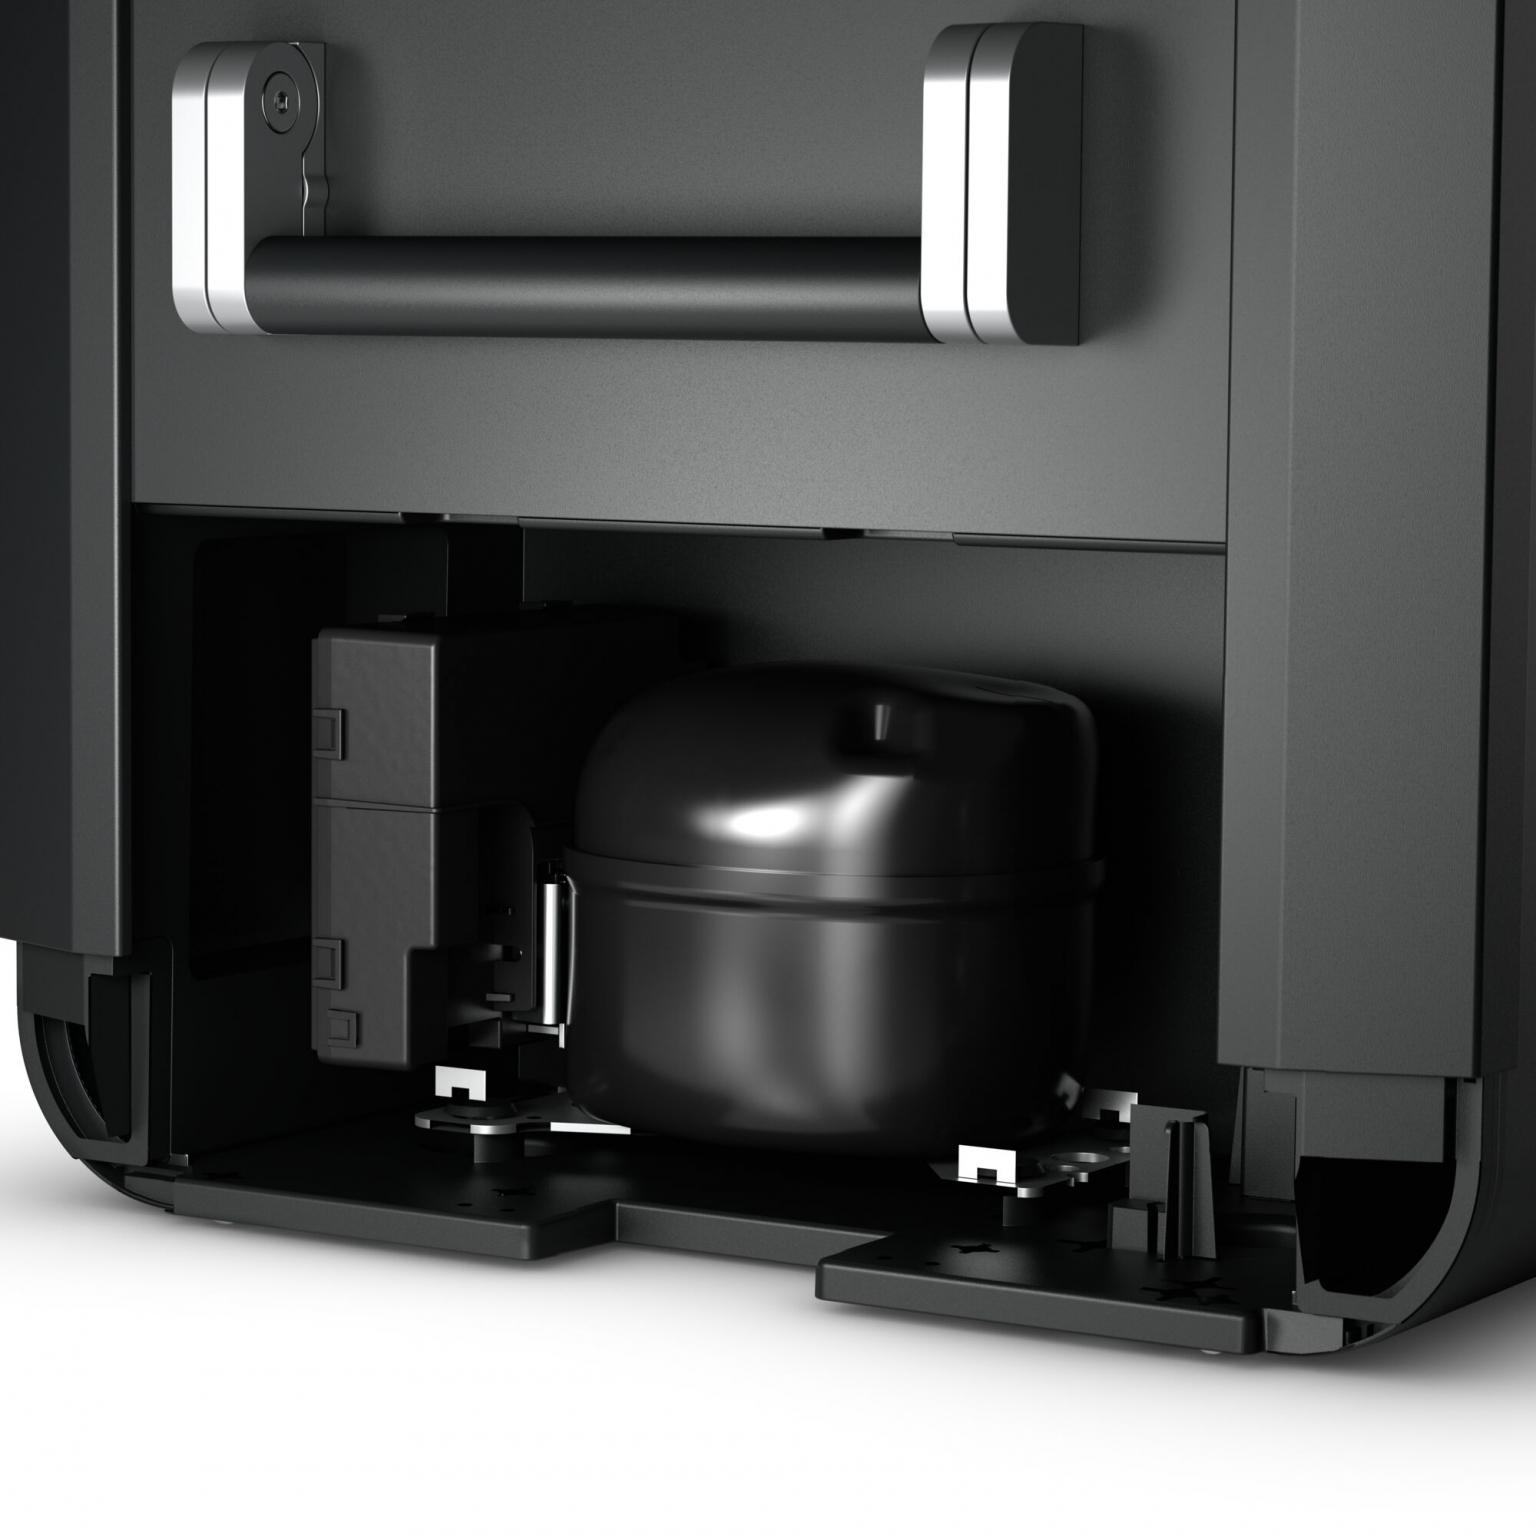 Автохолодильник компрессорный Dometic CFX3 55 (+ Аккумулятор холода в подарок!)